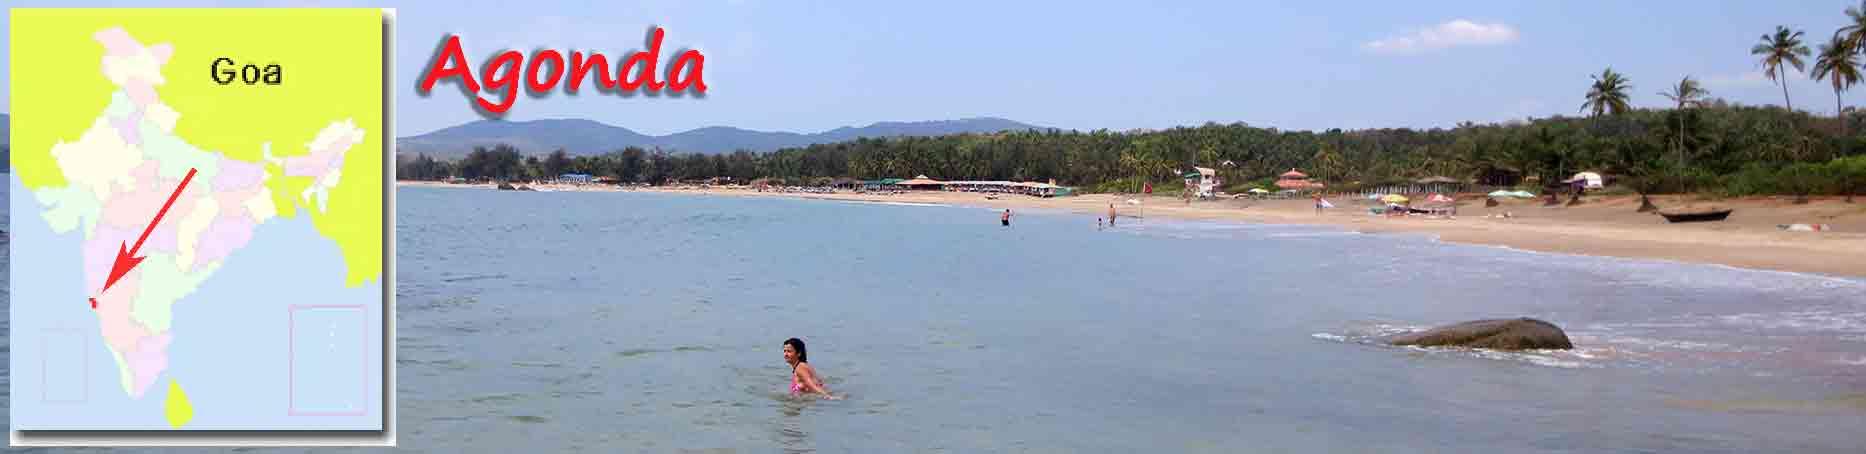 Título playa Agonda